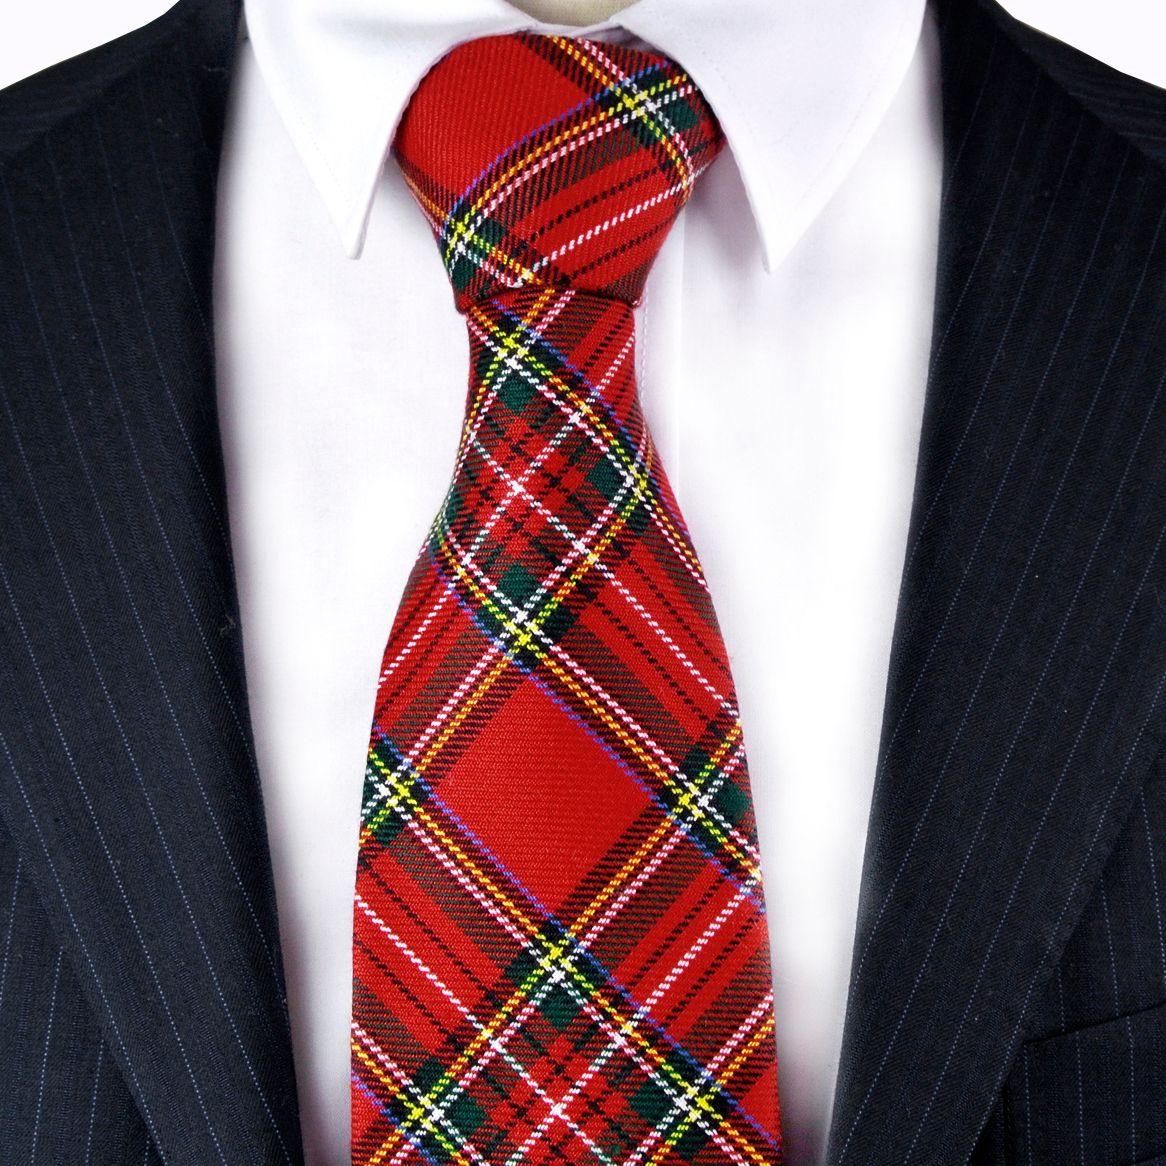 تم الفحص G96 منقوشة الاسكتلندي ترتان الأحمر القرمزي متعدد الألوان الرجال ربطات عنق القطن شحن مجاني البدلة هدية للرجال WHOLSALE شحن